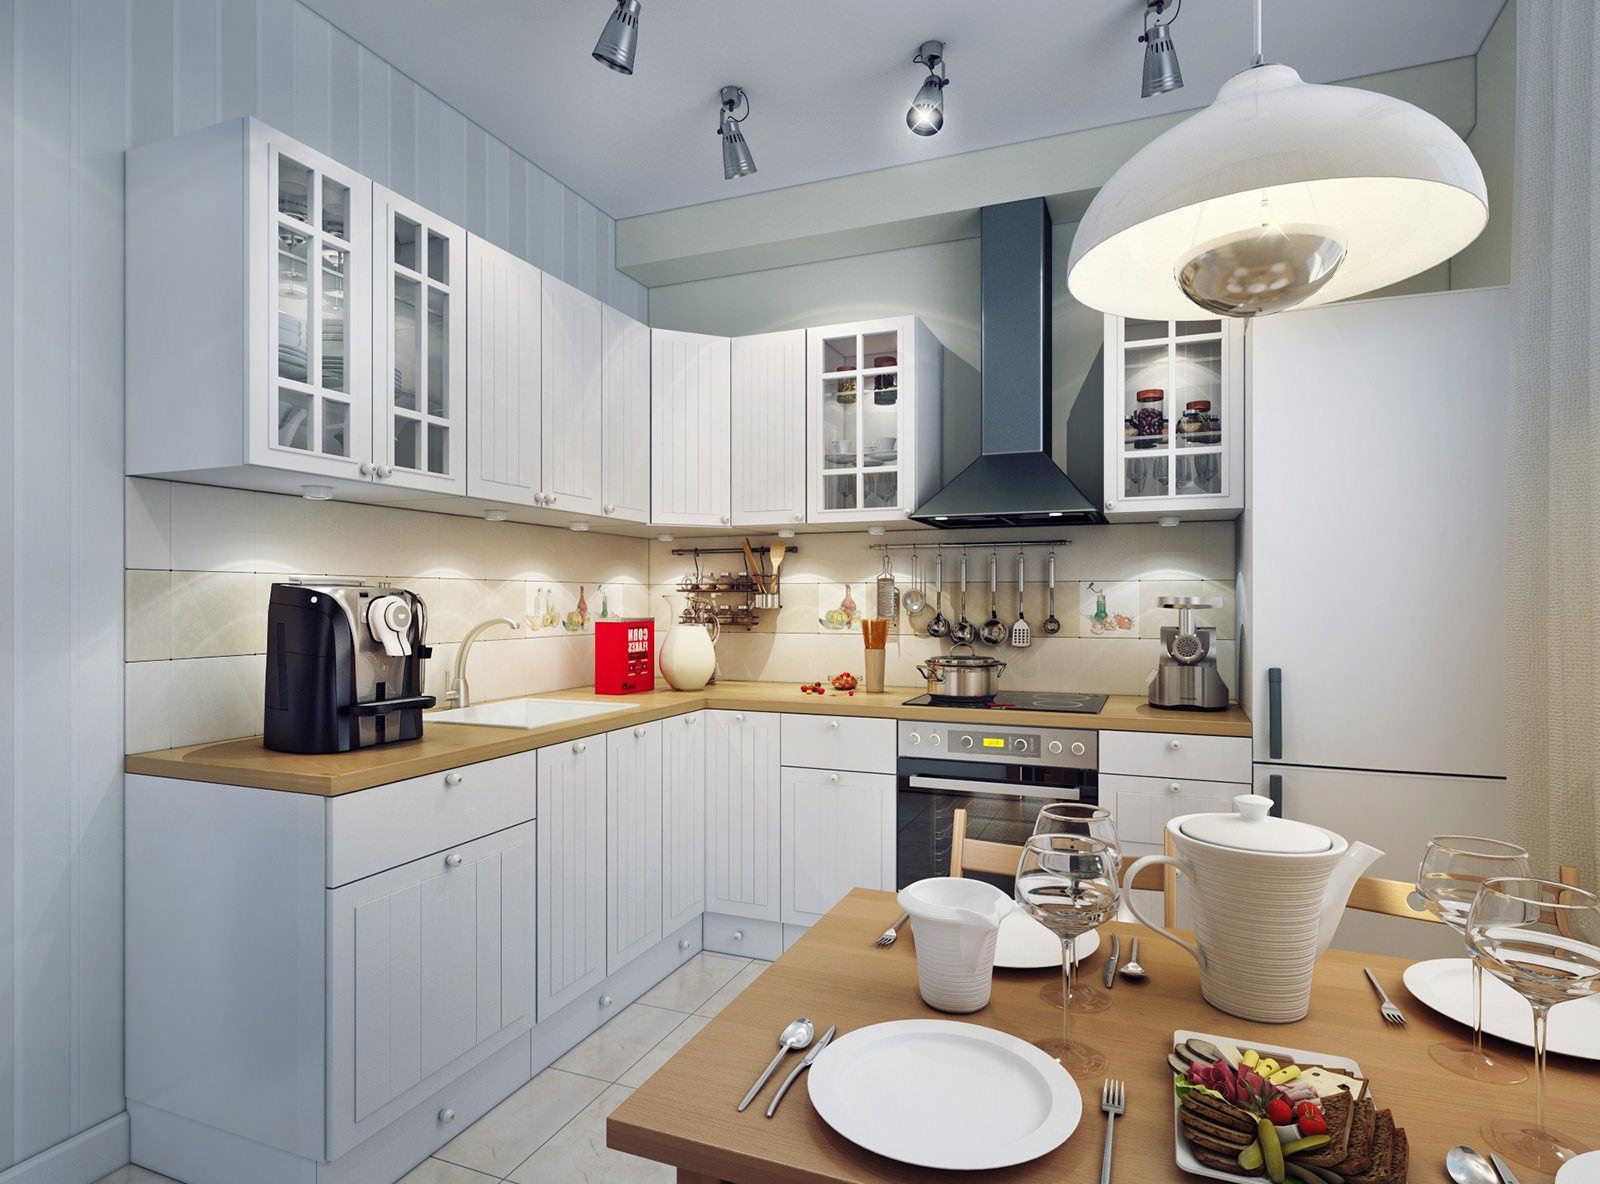 Люстры на кухне фото в интерьере